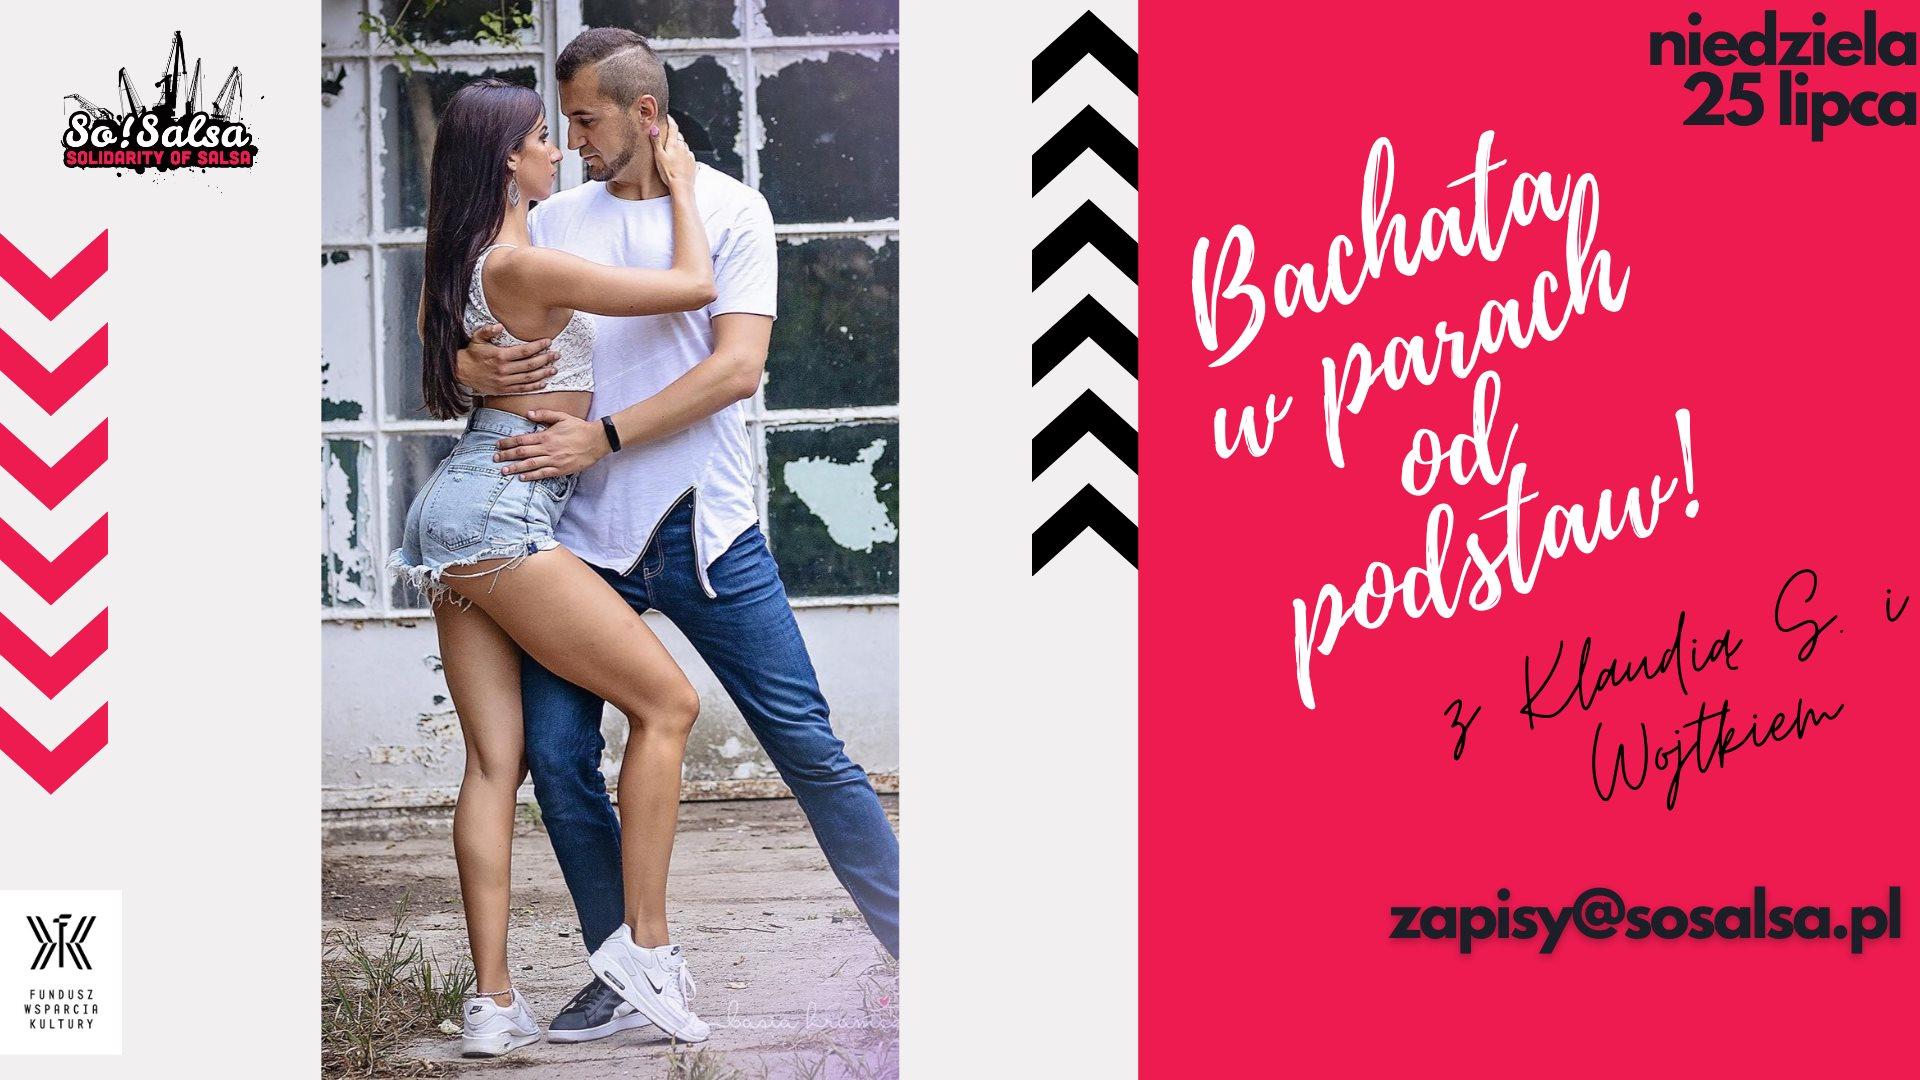 Przyspieszony kurs Bachaty w parach dla początkujących 25/07/21 w So!Salsa